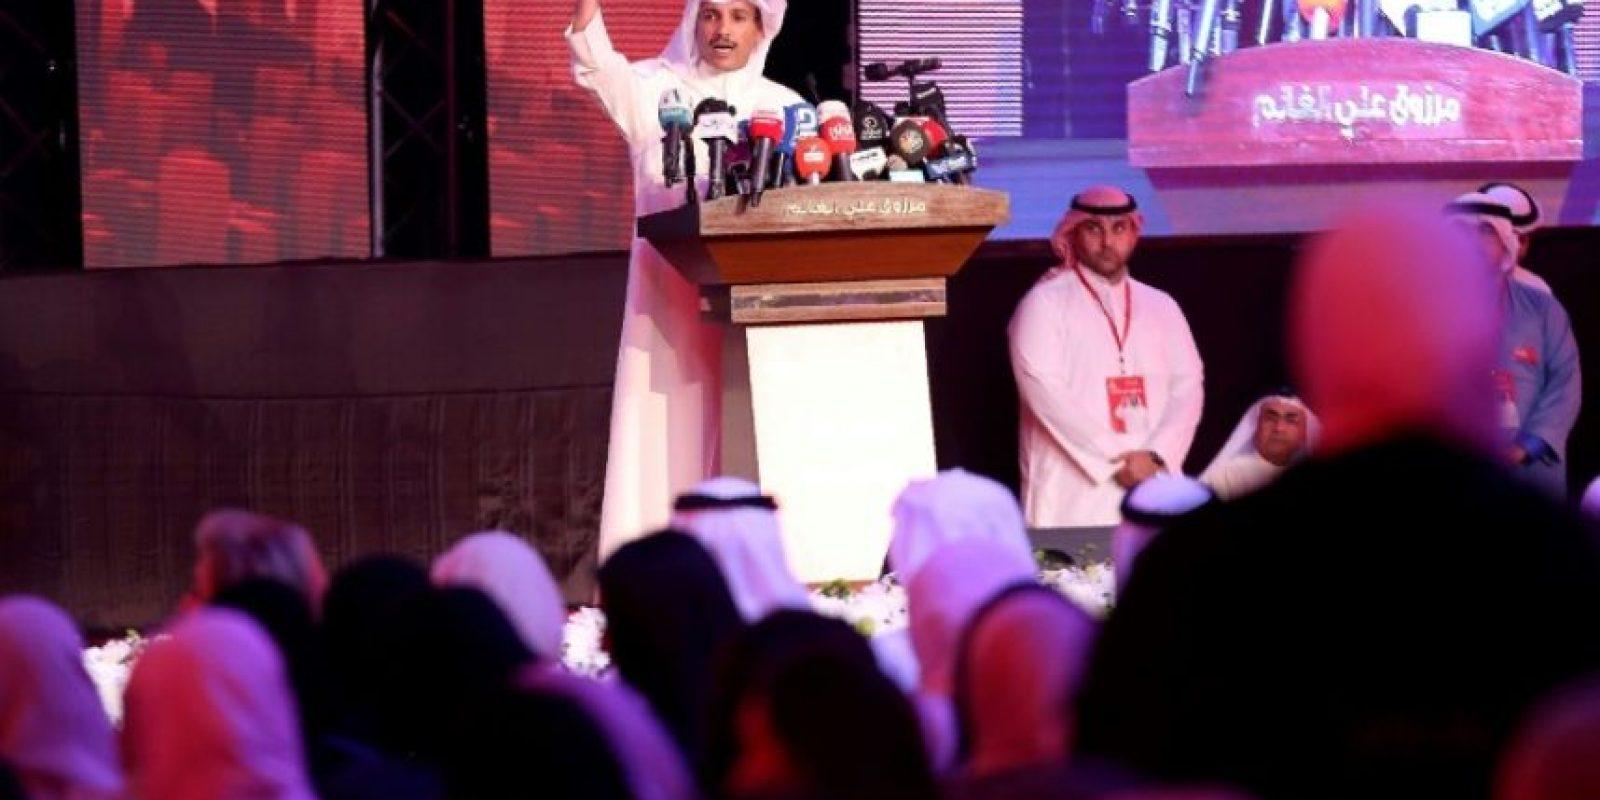 El candidato parlamentario kuwaití Marzuq al Ganem, expresidente del parlamento, durante un mitin de su campaña en Kuwait, el 22 de noviembre de 2016 Foto:Yasser Al-Zayyat/afp.com